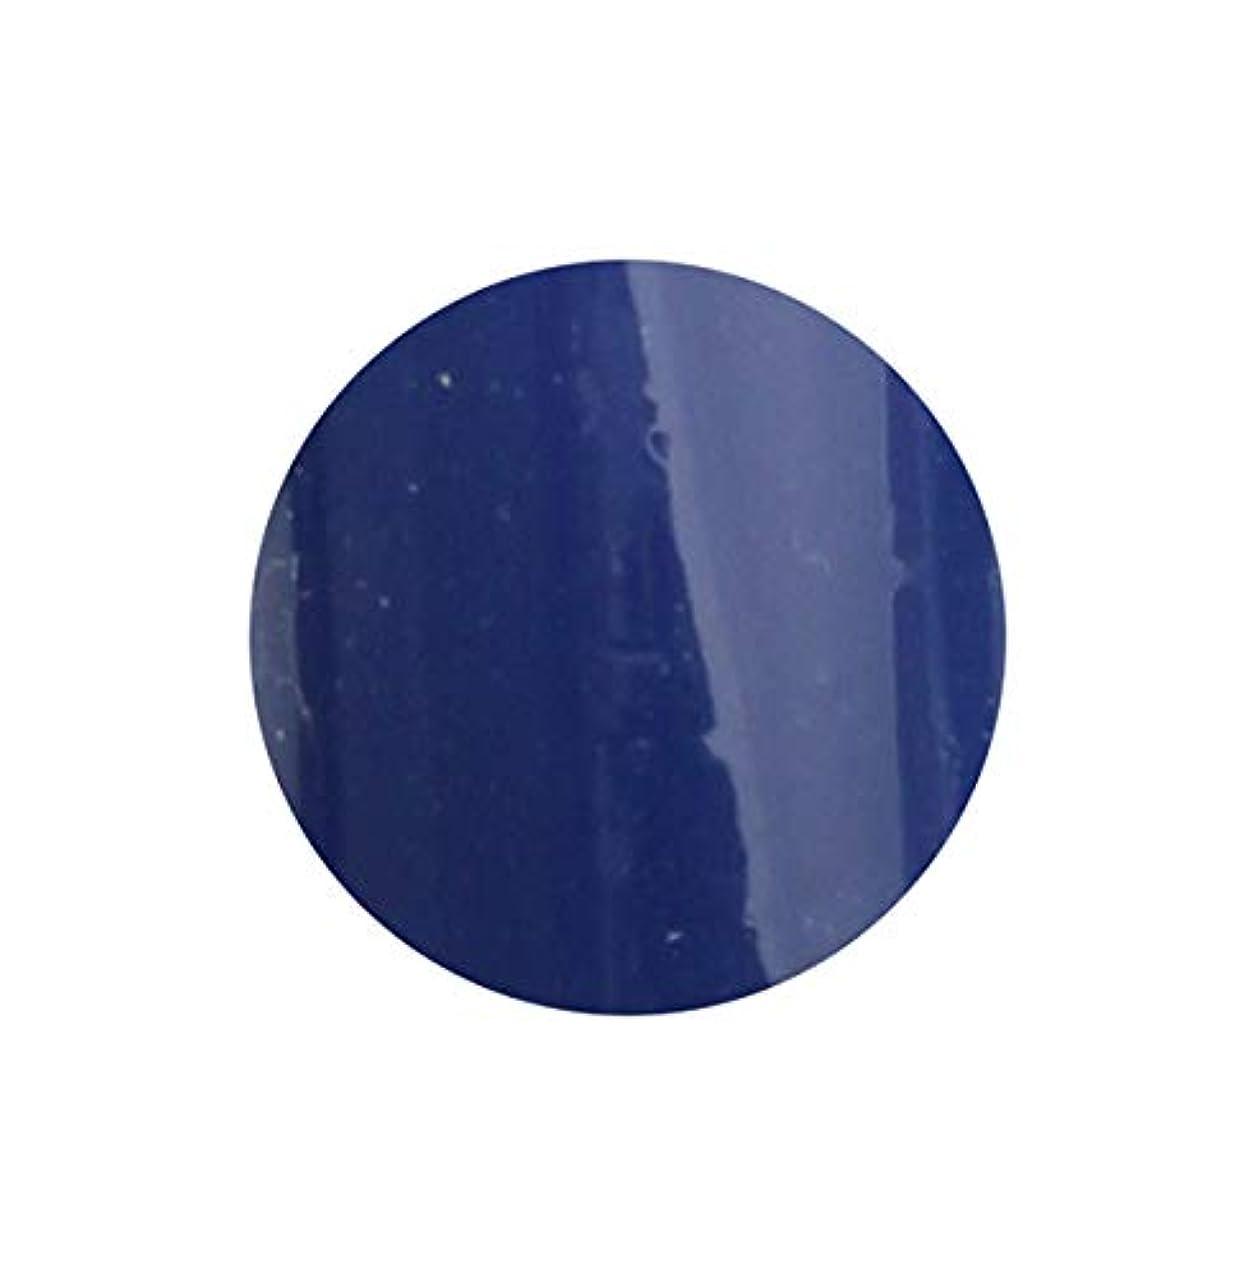 比率ジェームズダイソンショットSHAREYDVA シャレドワ+ ネイルカラー No.34 ロイヤルブルー